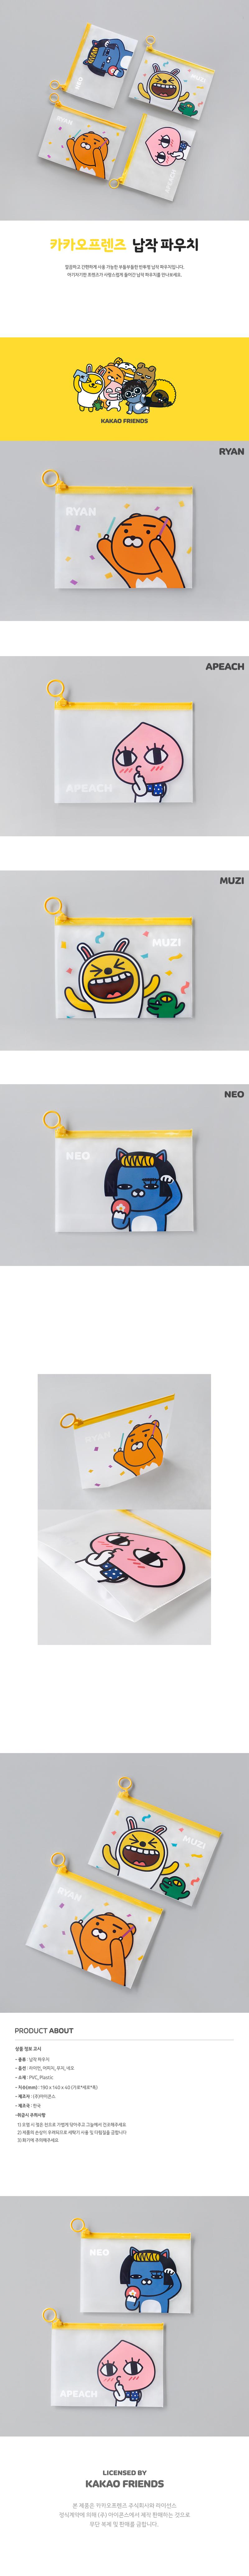 카카오프렌즈 납작 파우치 - 카카오프렌즈, 3,000원, 다용도파우치, 지퍼형